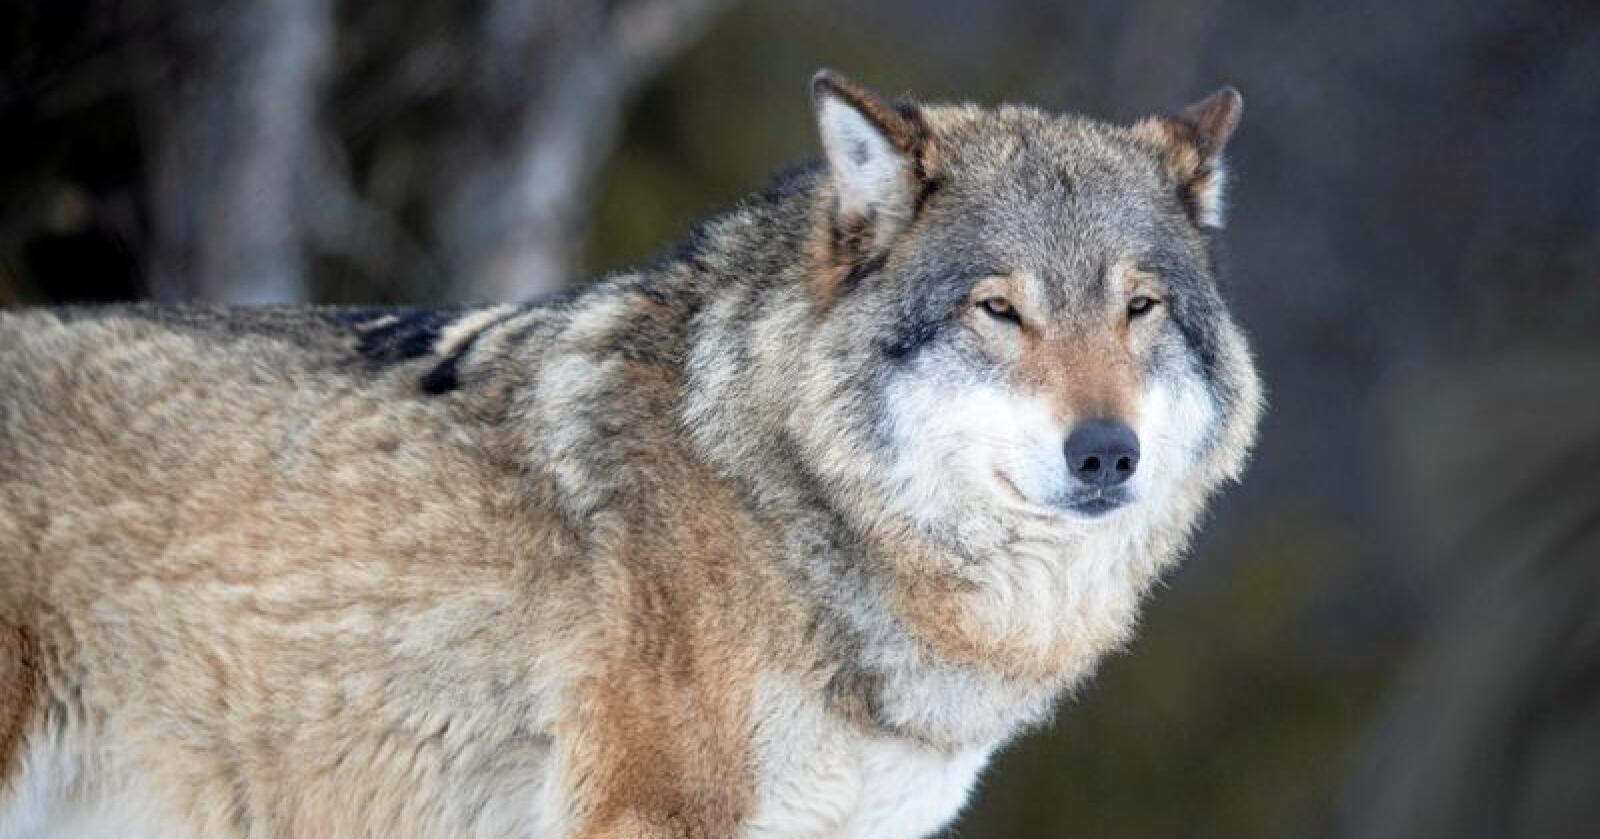 Umulig målsetting: Ulven kan ikke utryddes i Norge, skriver kronikkforfatterne. Foto: Heiko Junge/NTB scanpix